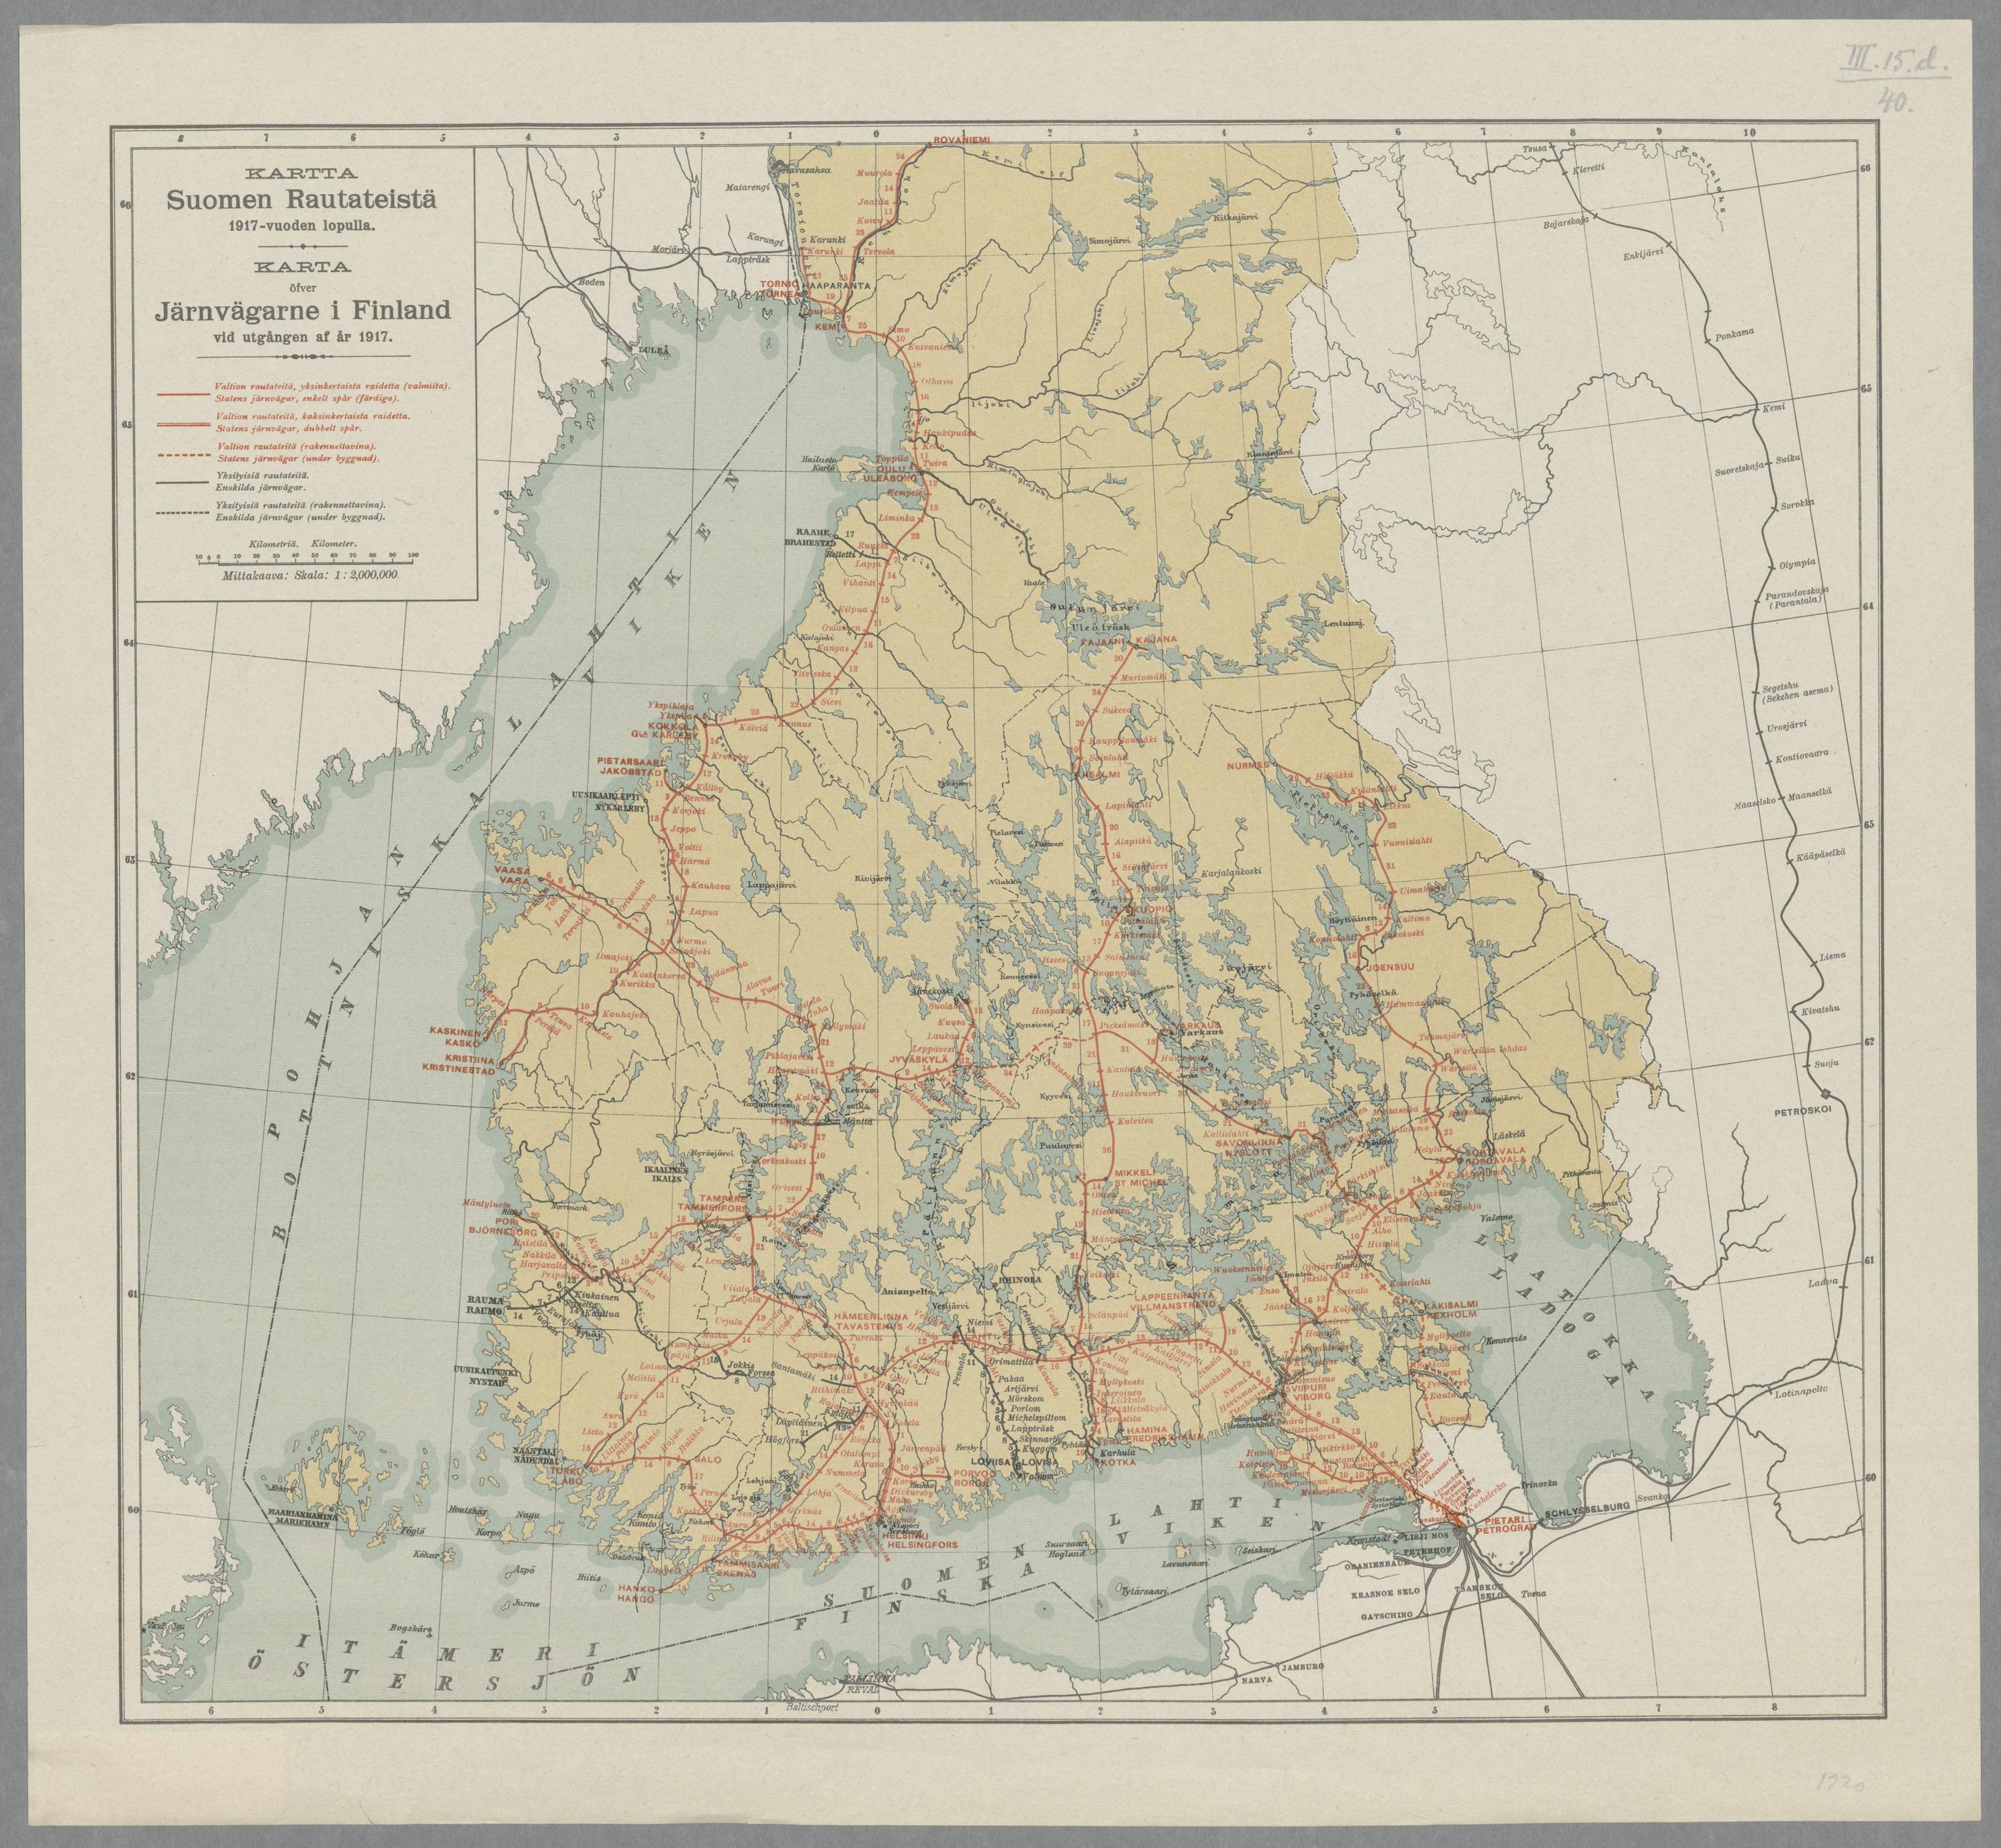 Suomen rautatieverkoston pääosa oli valmiina maan itsenäistyessä.